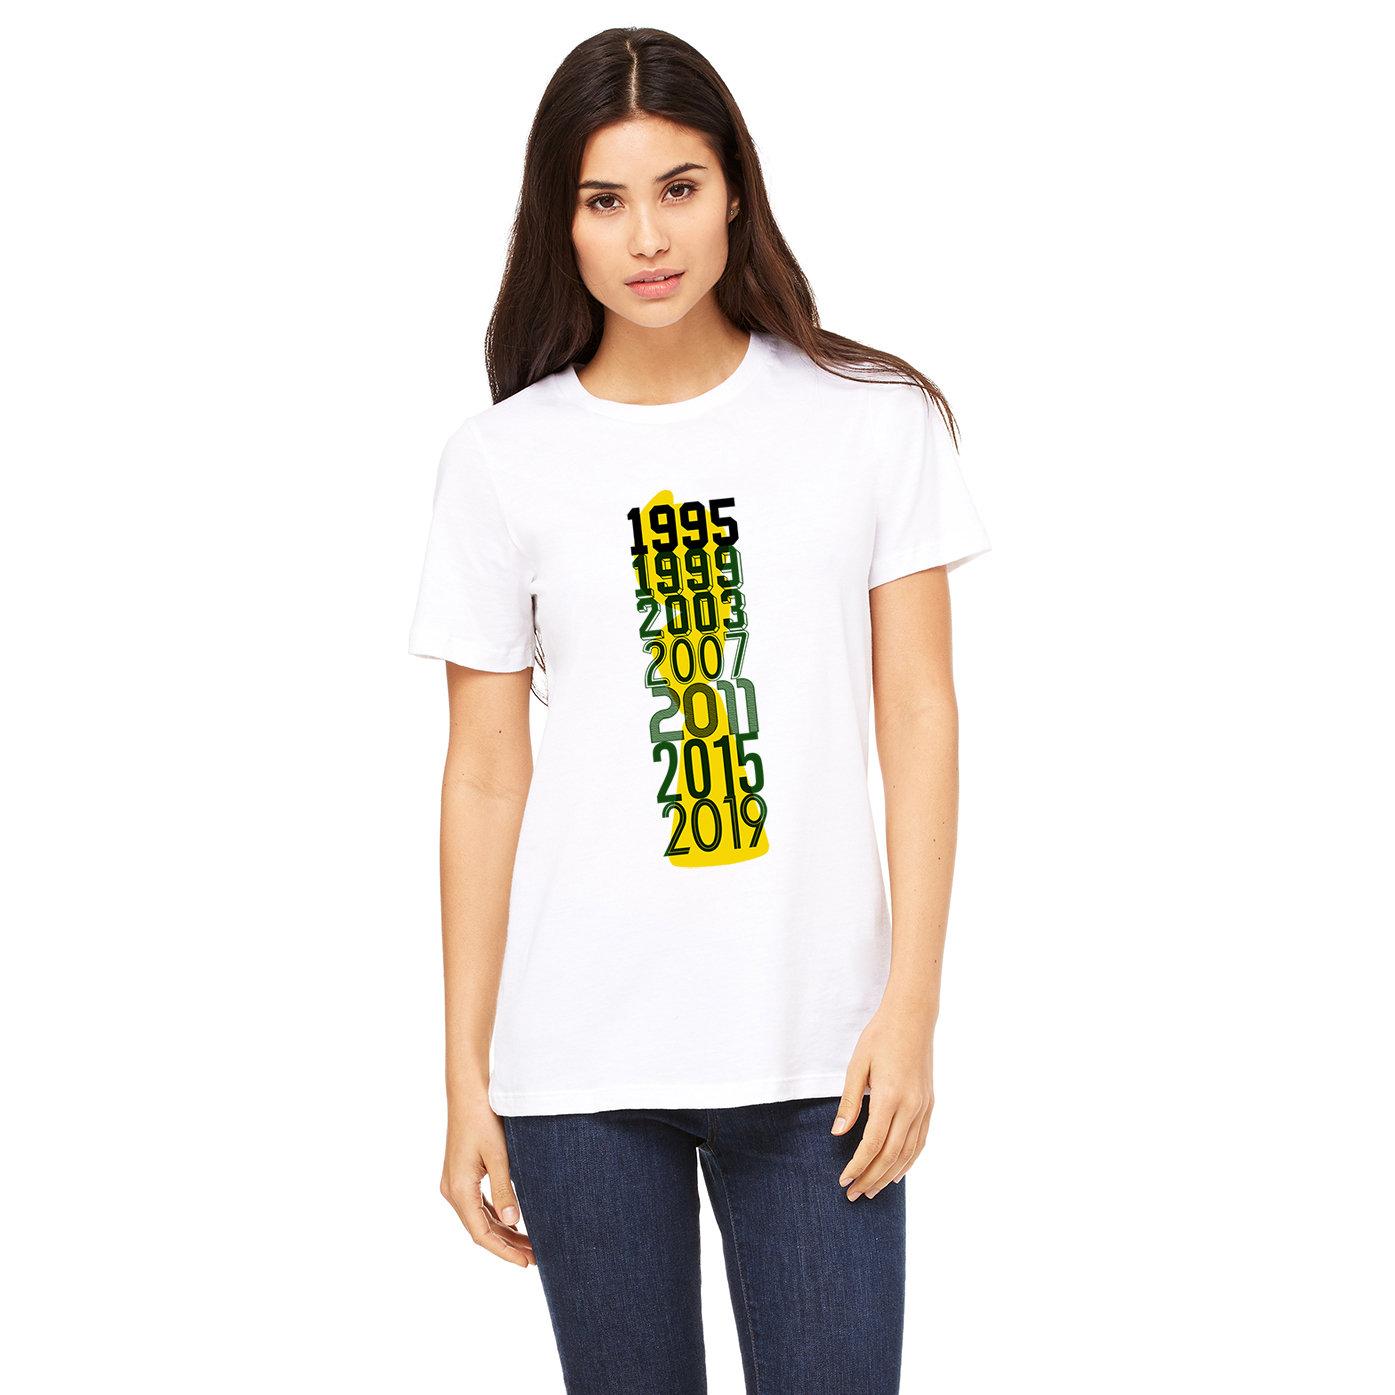 Matildas World Cup Fonts T-shirt